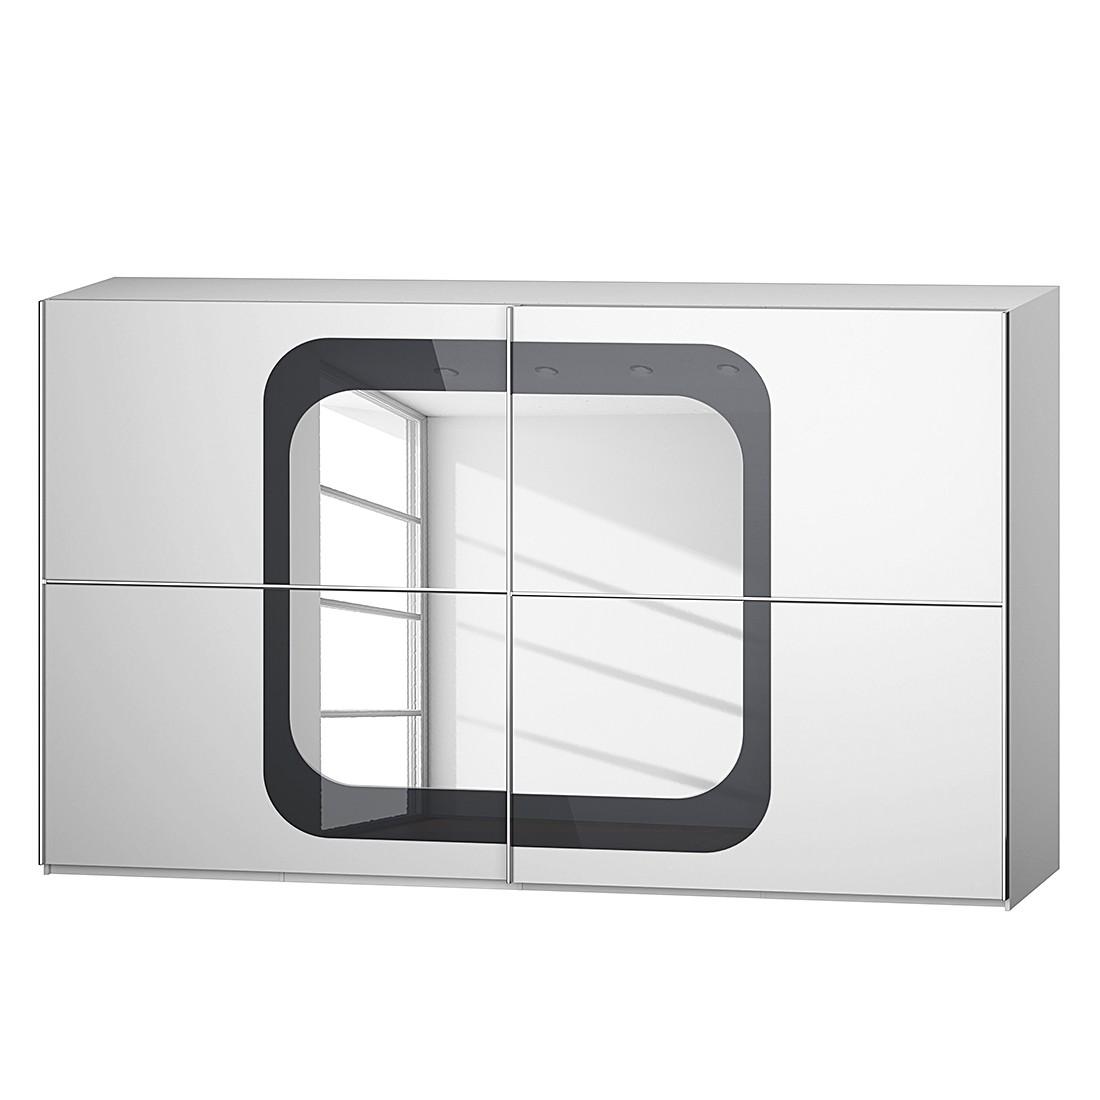 goedkoop Schuifdeurkast Lumos Alpinewit basaltkleurig glas 359cm 2 deurs 223cm Rauch Dialog